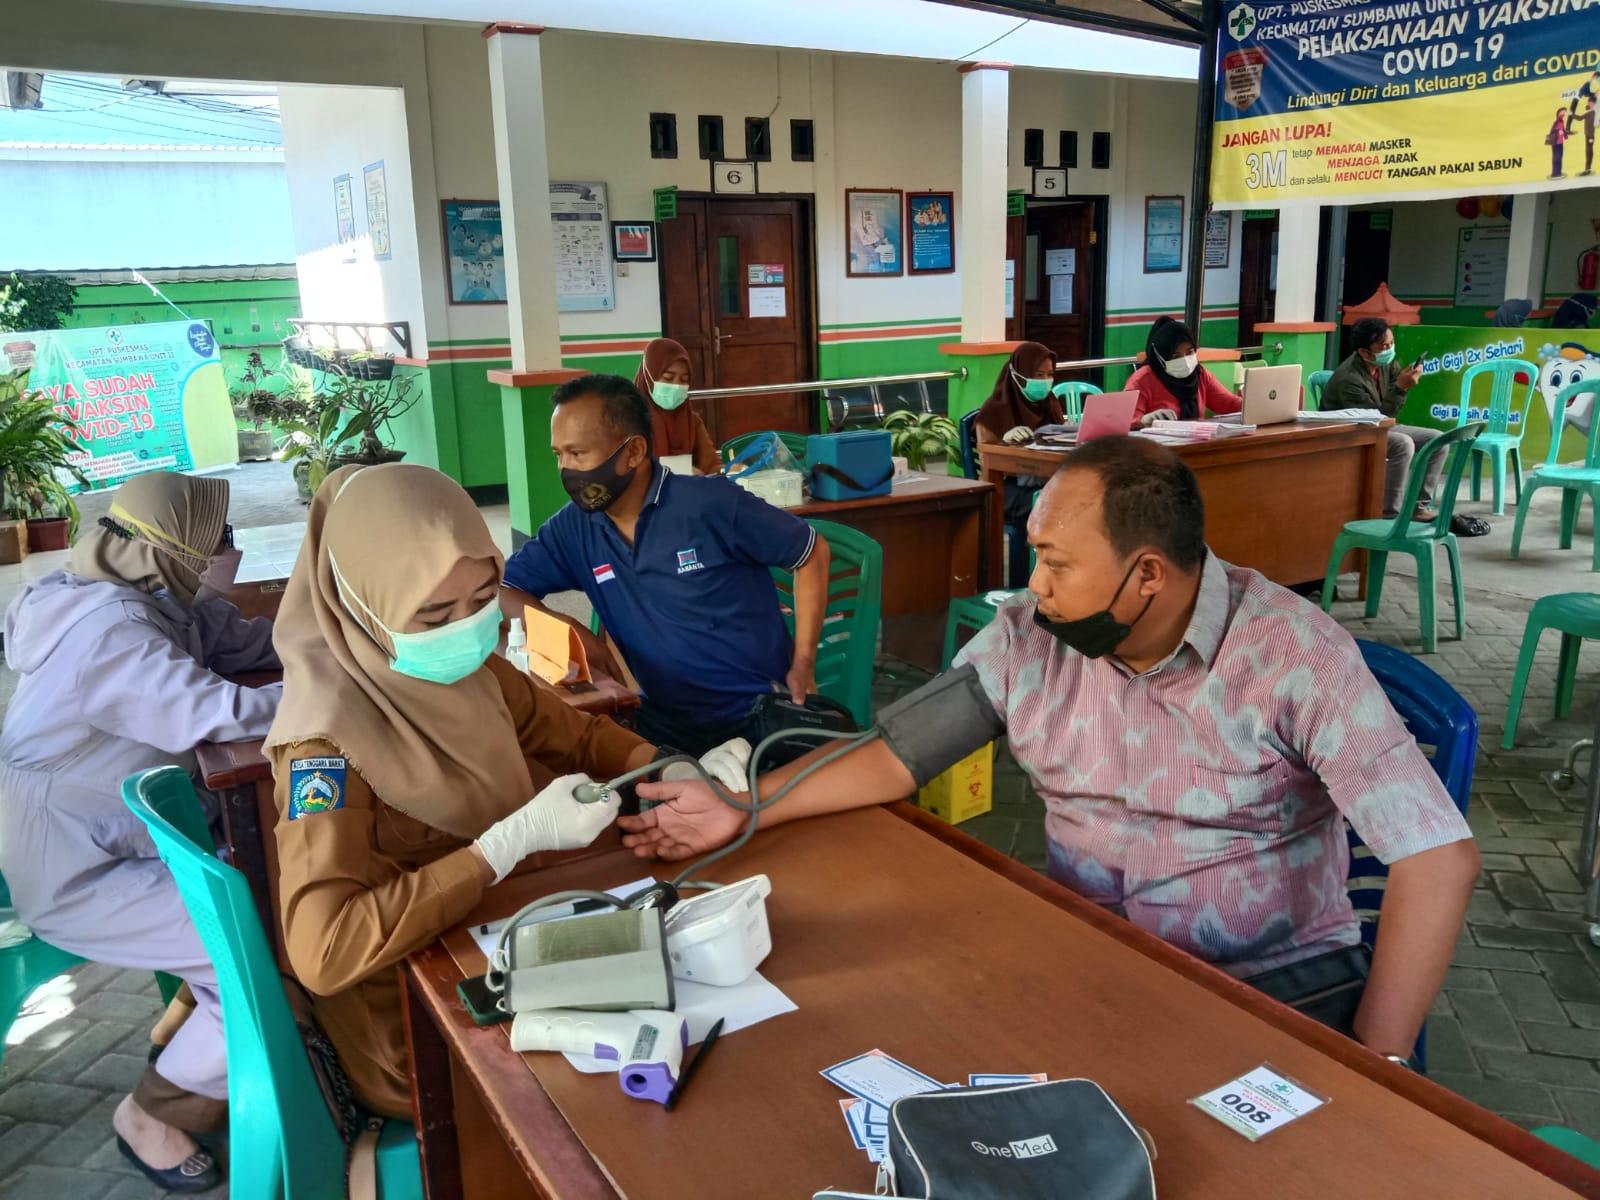 Puluhan Pegawai Balai PSDAH Pulau Sumbawa Divaksin